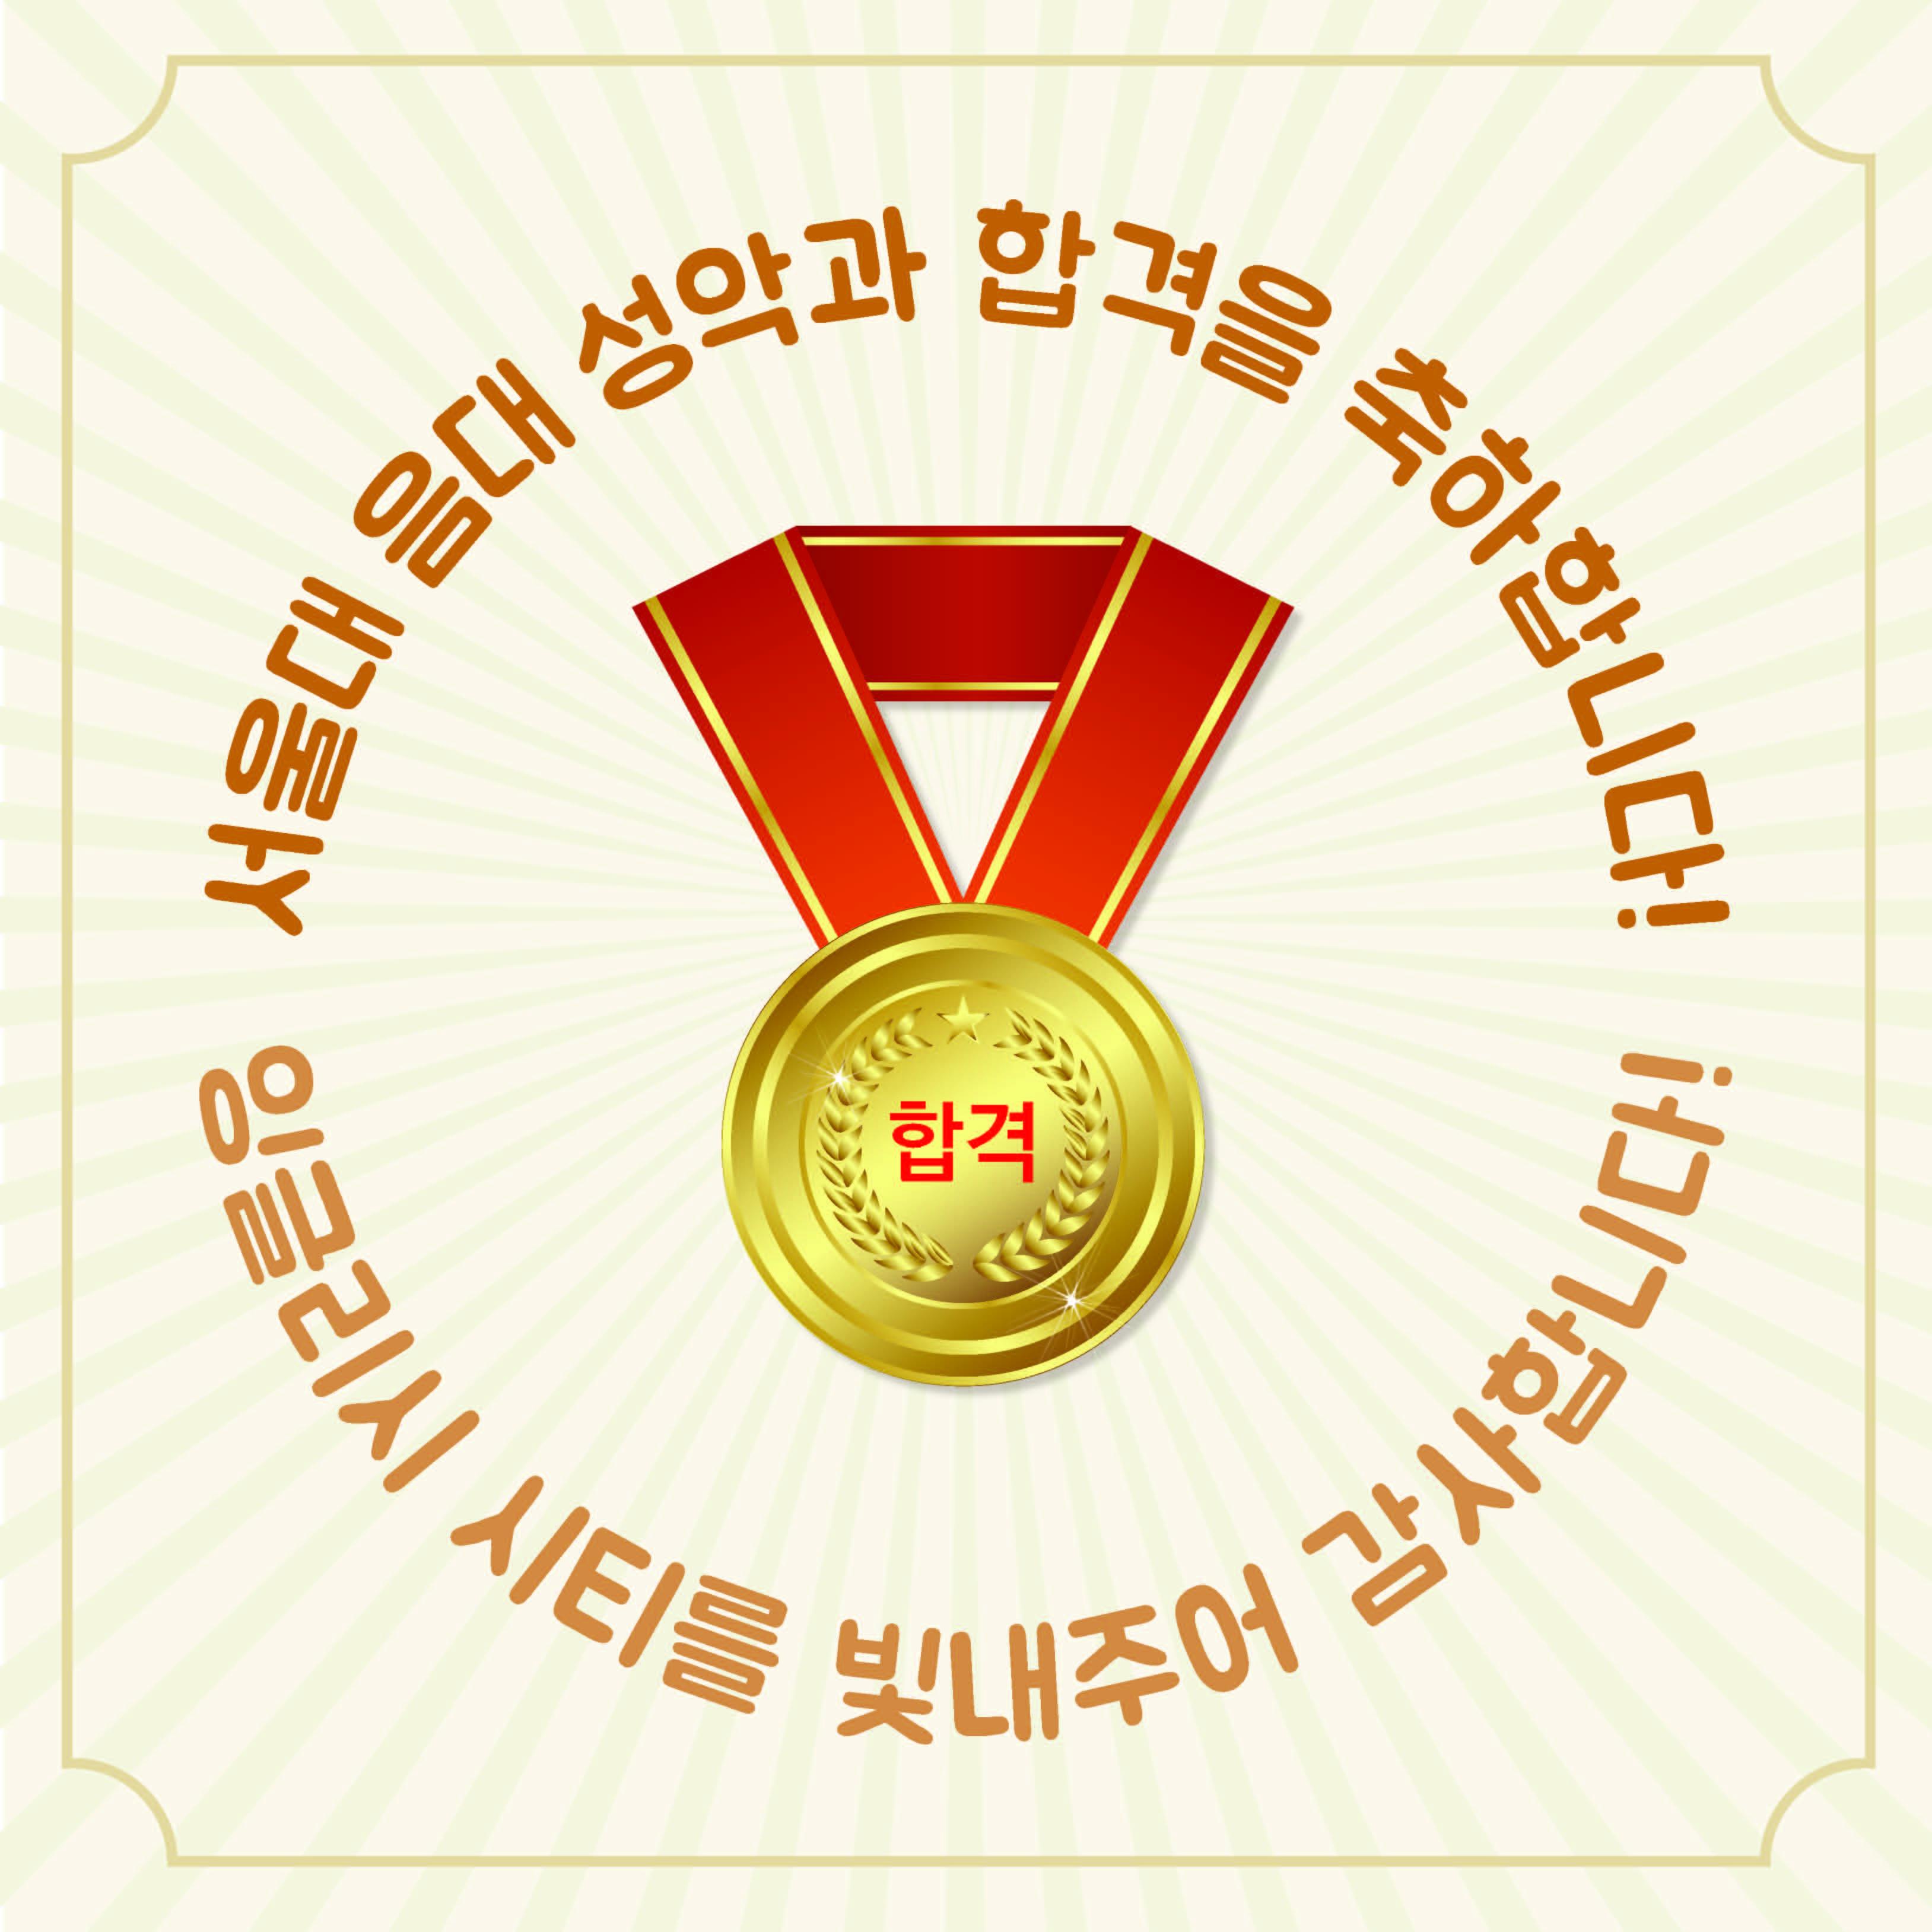 서울대학합격축하2020_페이지_1.jpg